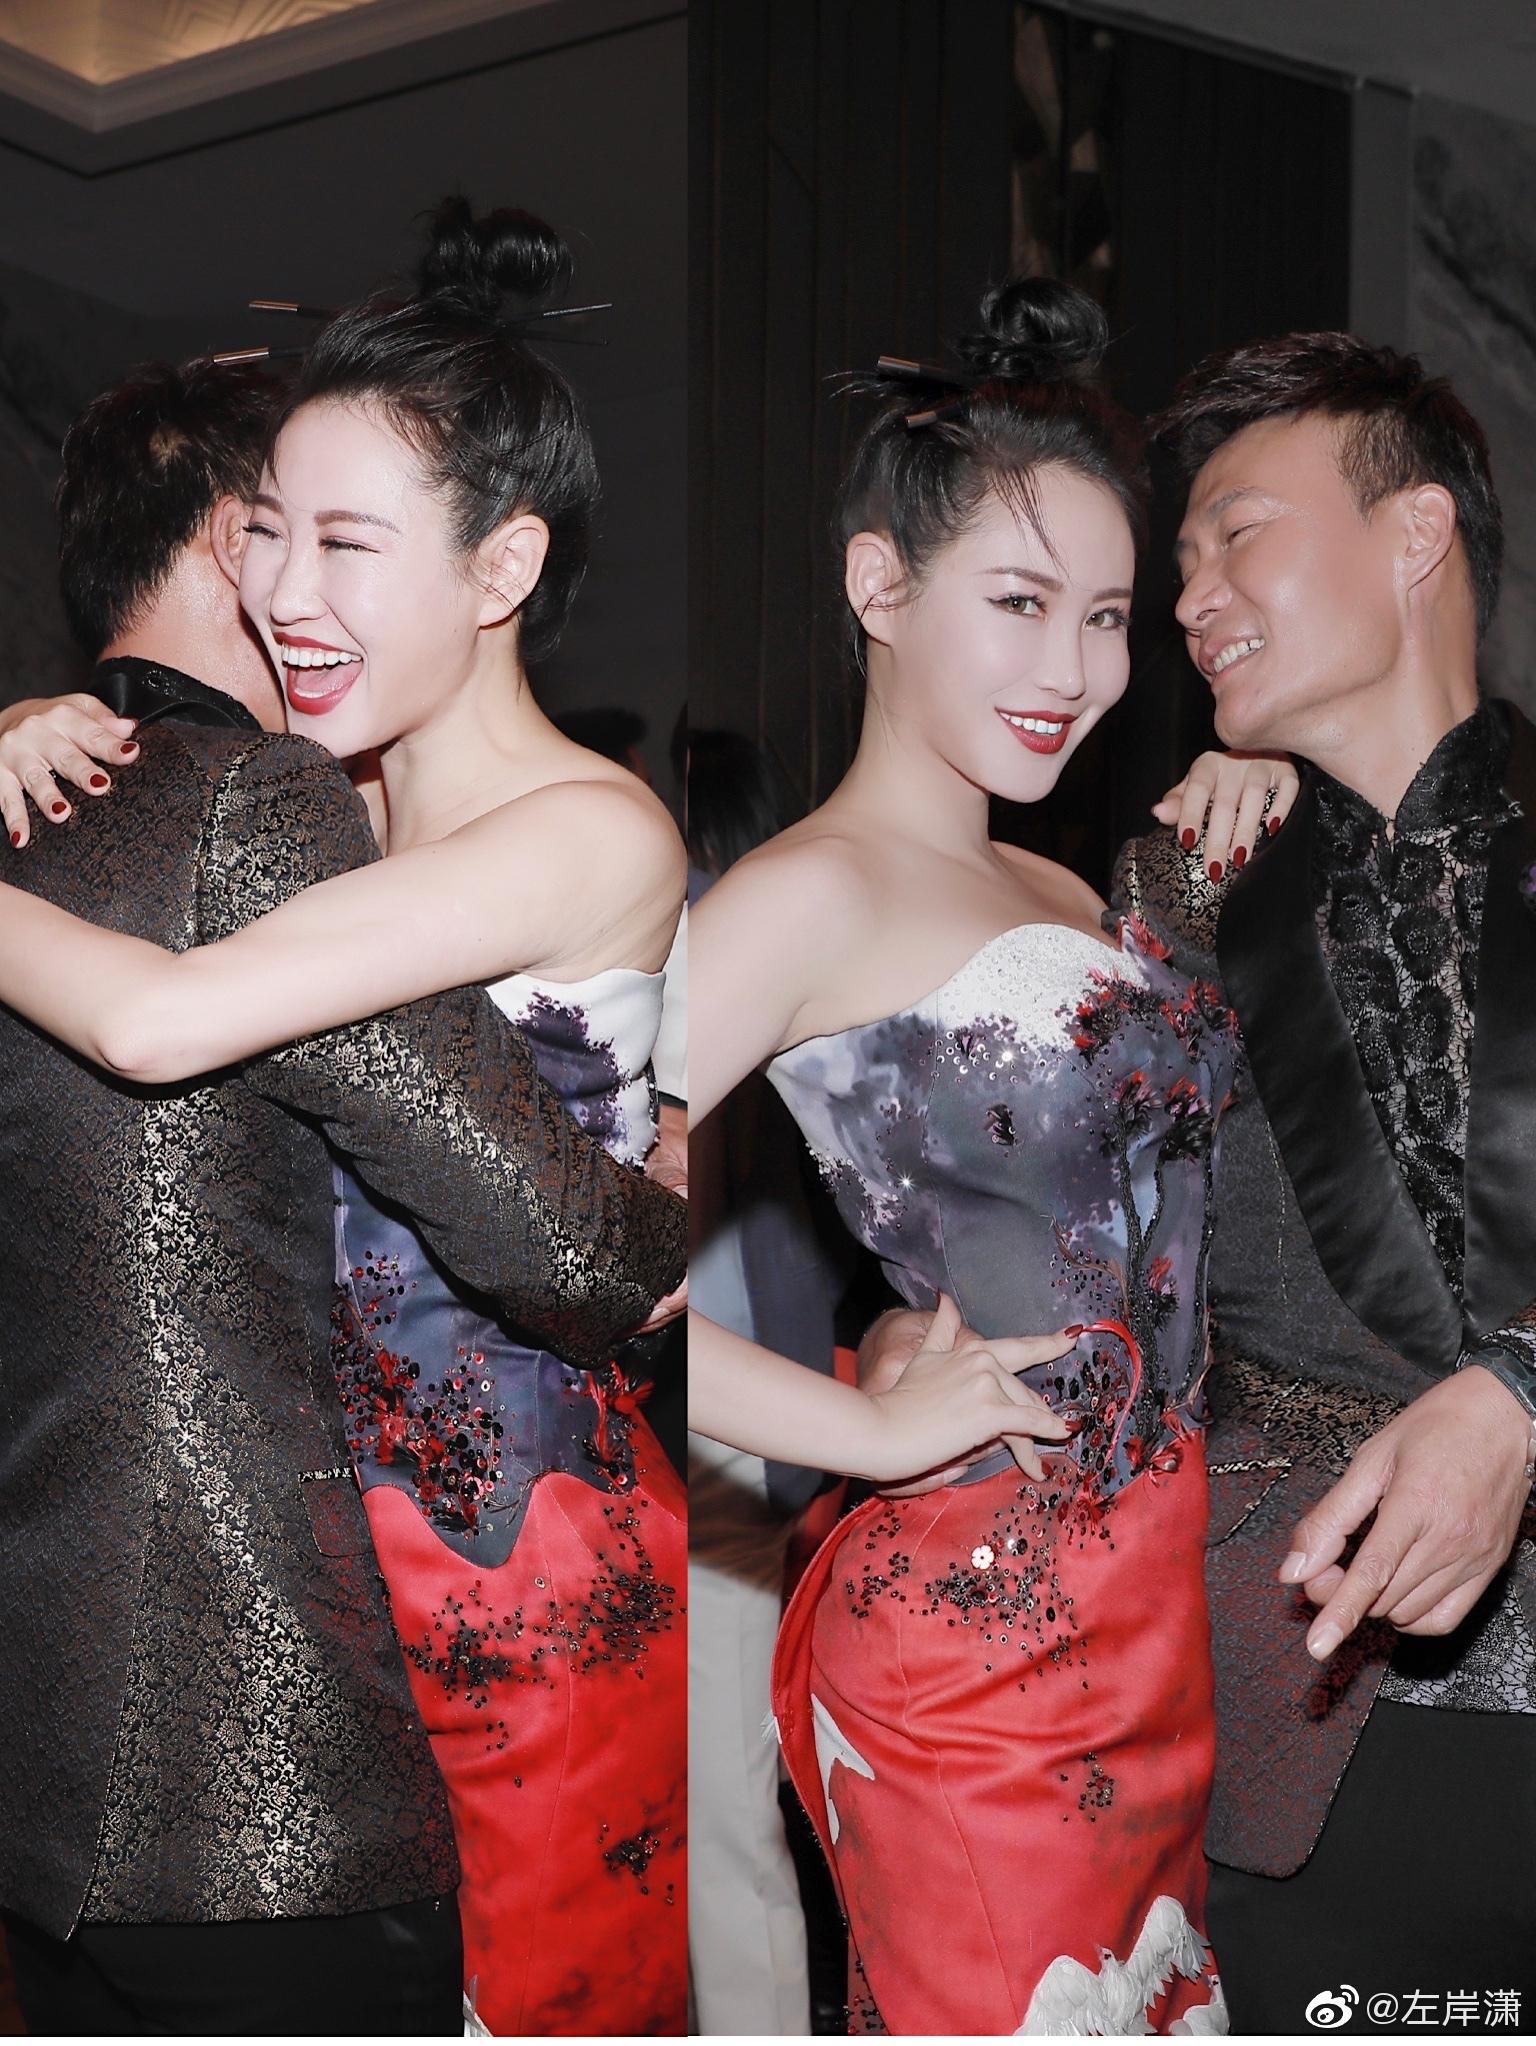 昨夜上海外滩有点放光彩 恭喜dear劳伦斯许的LAURENCE·XU WHITE 202